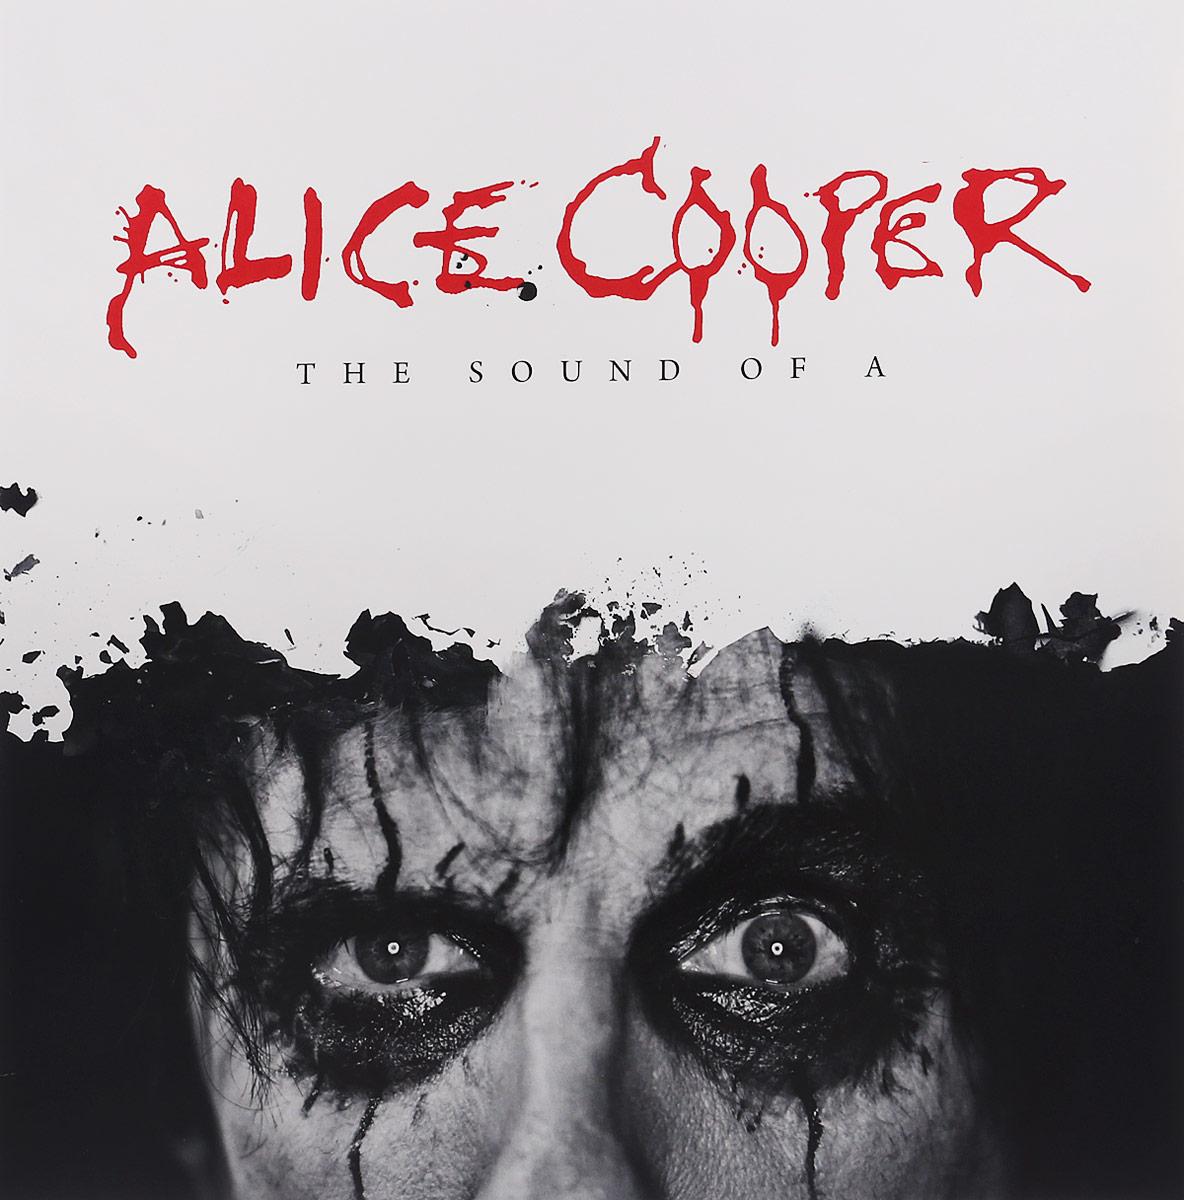 Элис Купер Alice Cooper. The Sound Of A (LP) элис купер alice cooper killer lp